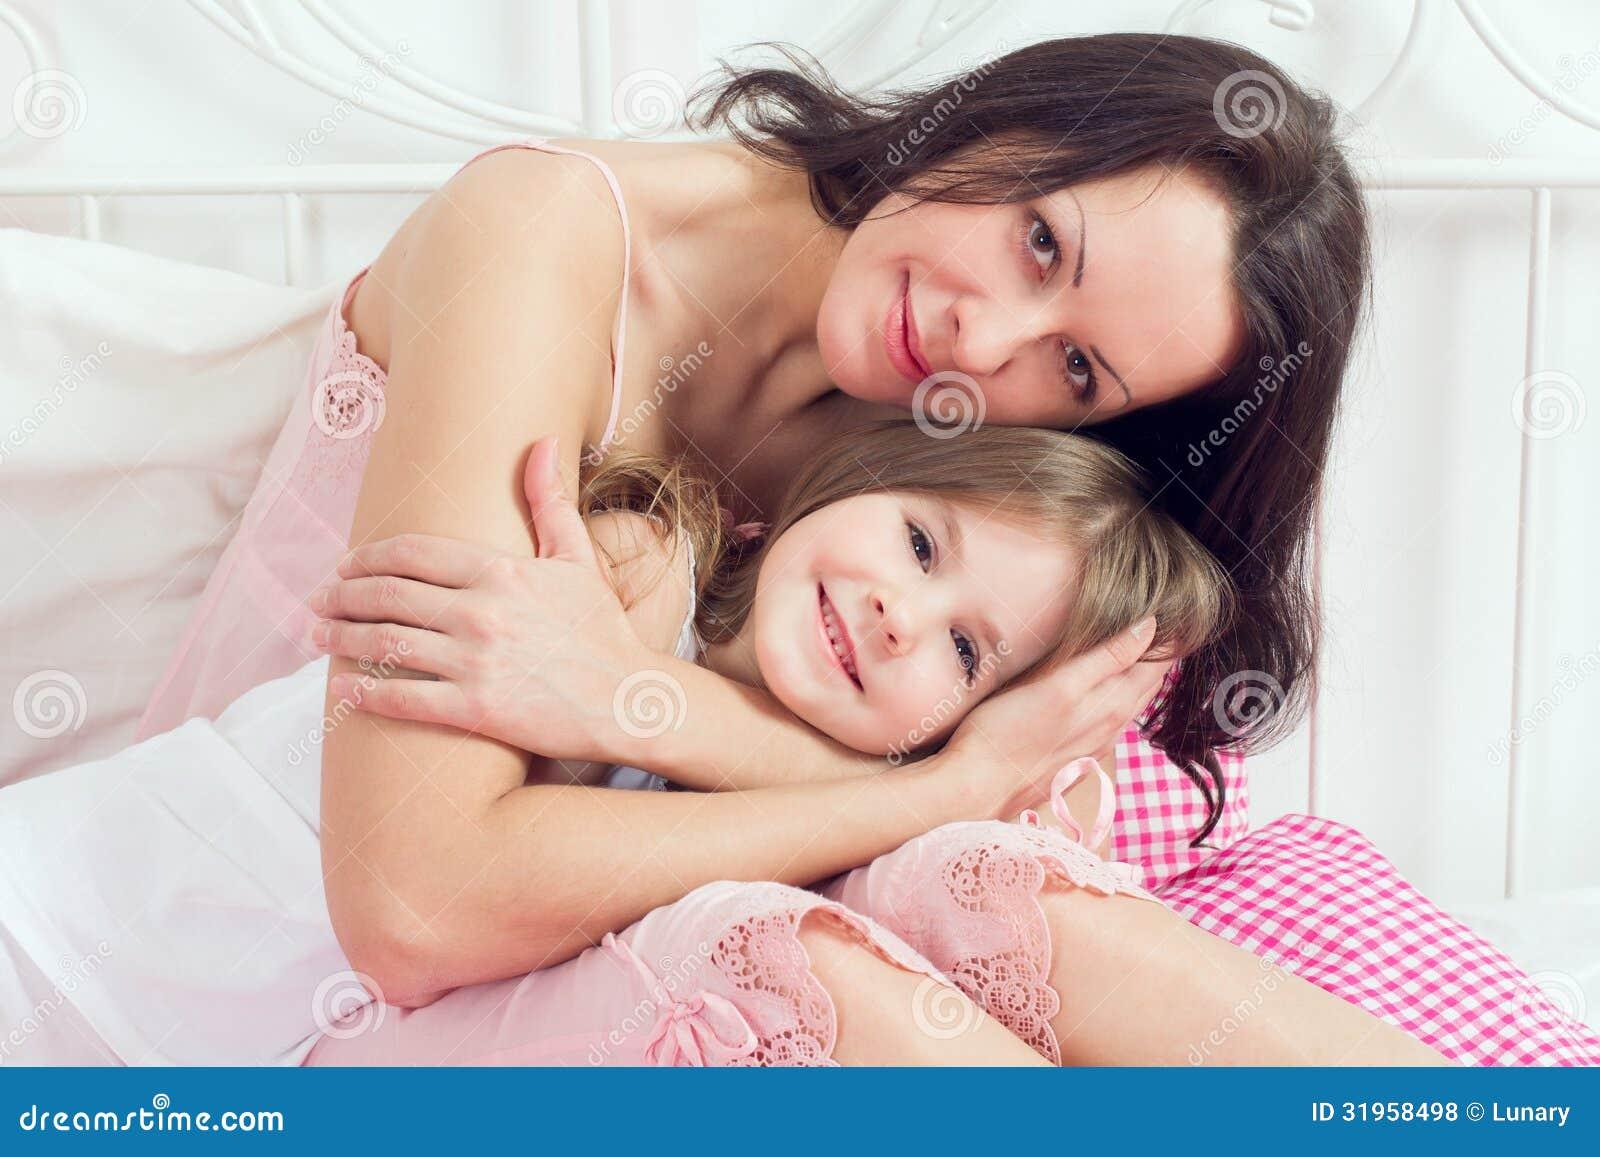 Смотреть секс мама дочка, В инцест видео мамы с дочкой есть место и соблазну 25 фотография